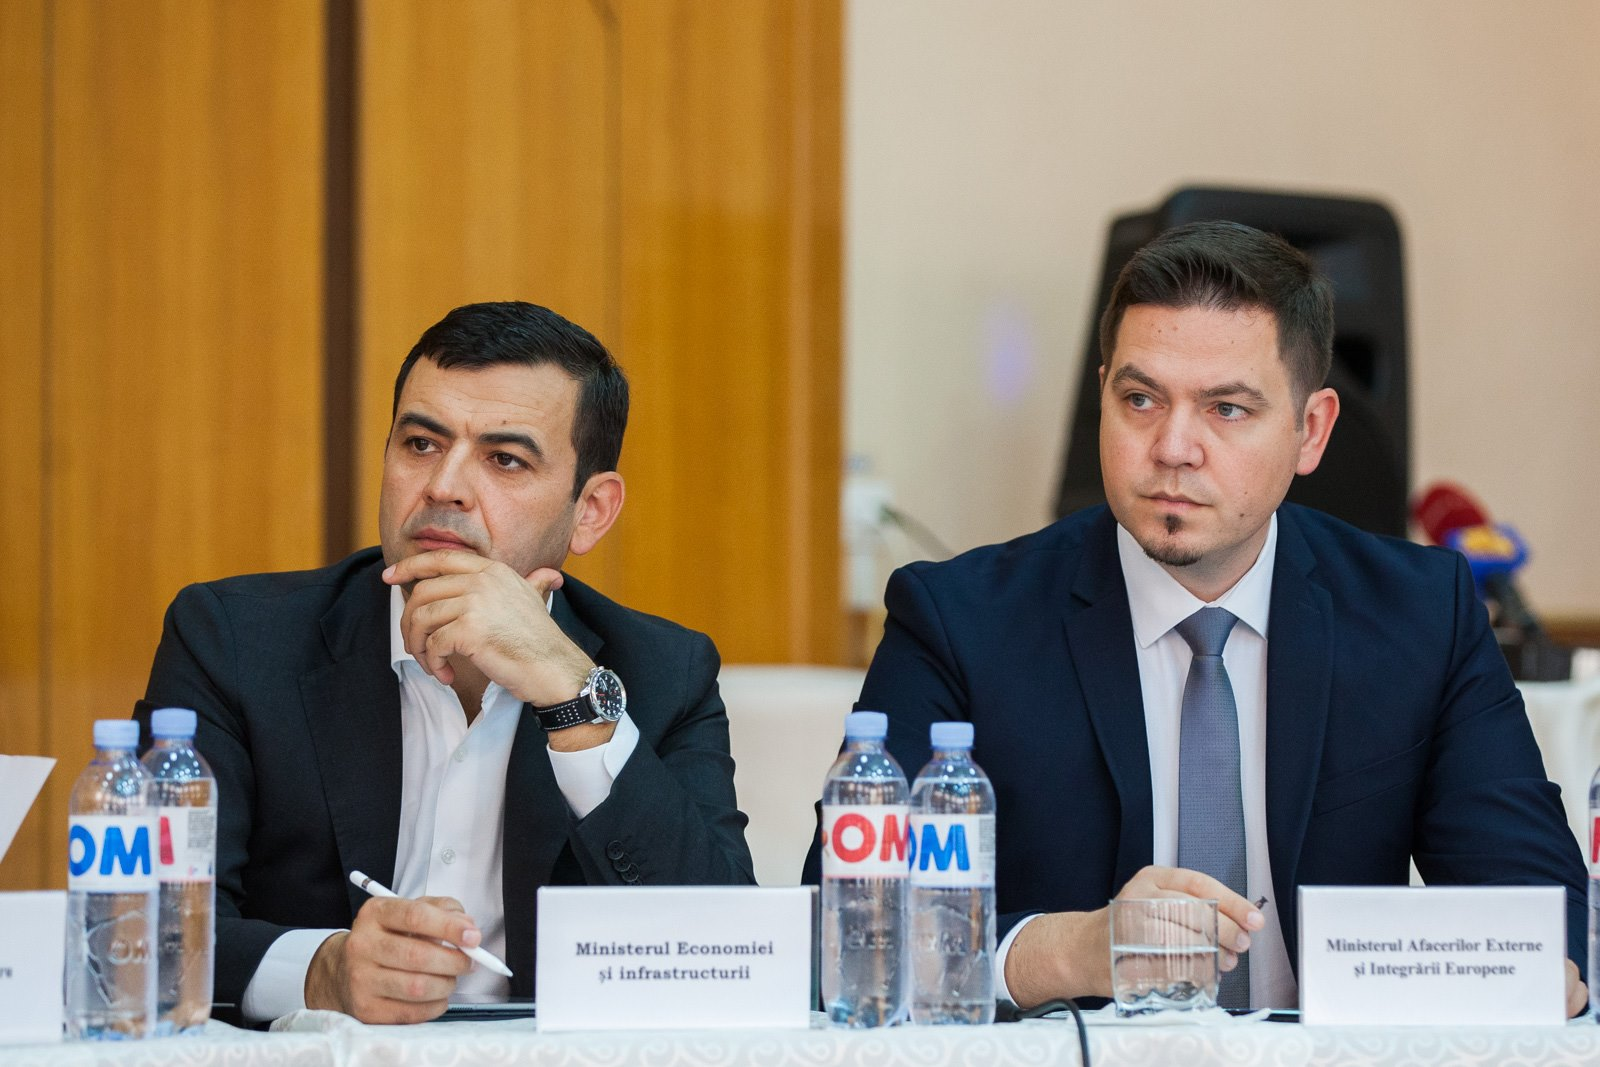 ministri guvernul filip, chiril gaburici, tudor ulianovschi, vlad plahtoniuc pdm